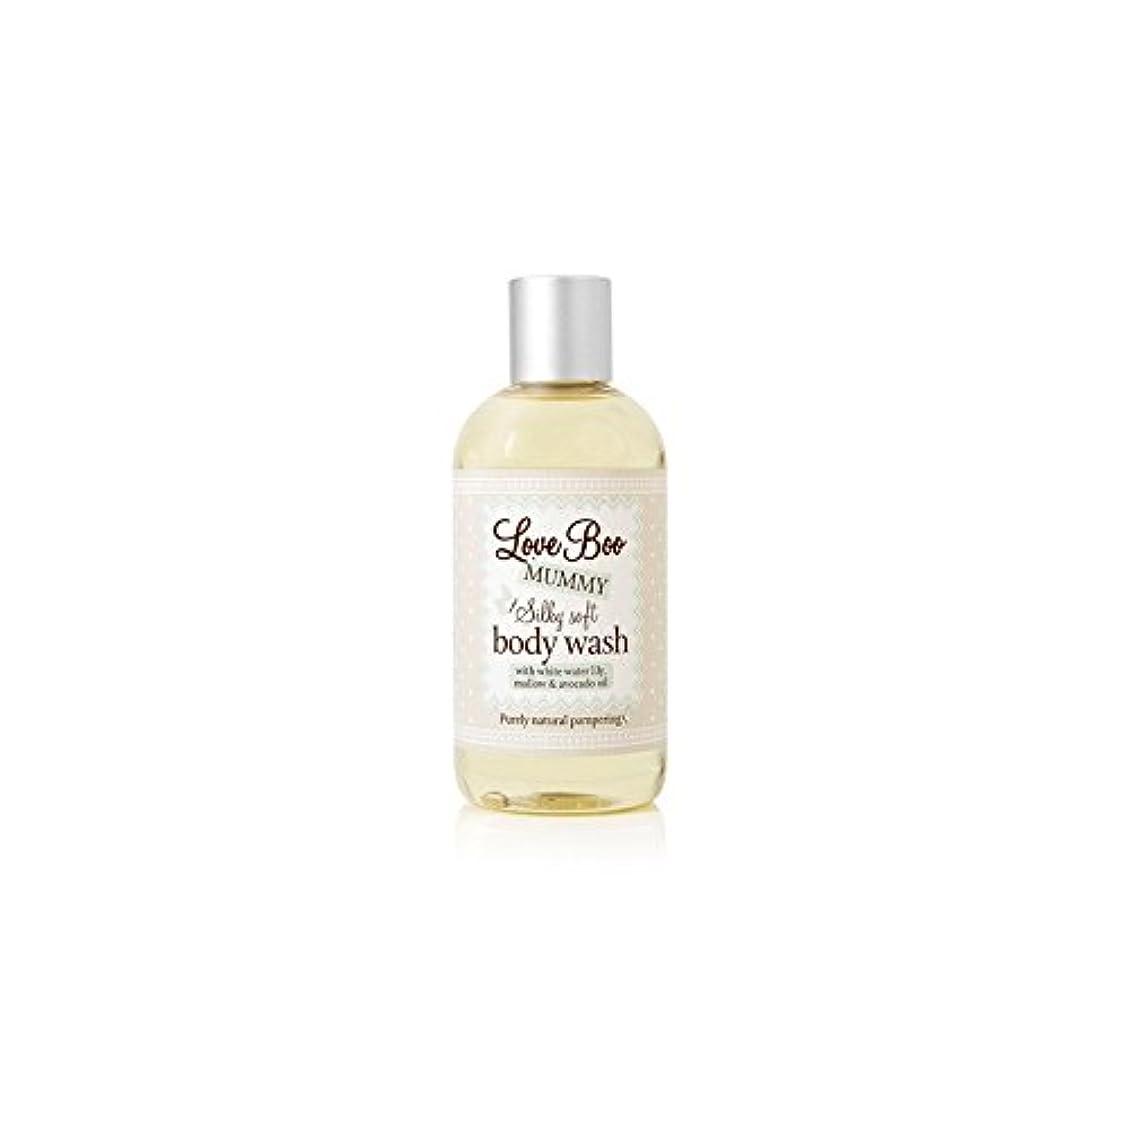 販売計画チラチラする階Love Boo Silky Soft Body Wash (250ml) - 絹のようなソフトボディウォッシュ(250ミリリットル)愛 [並行輸入品]